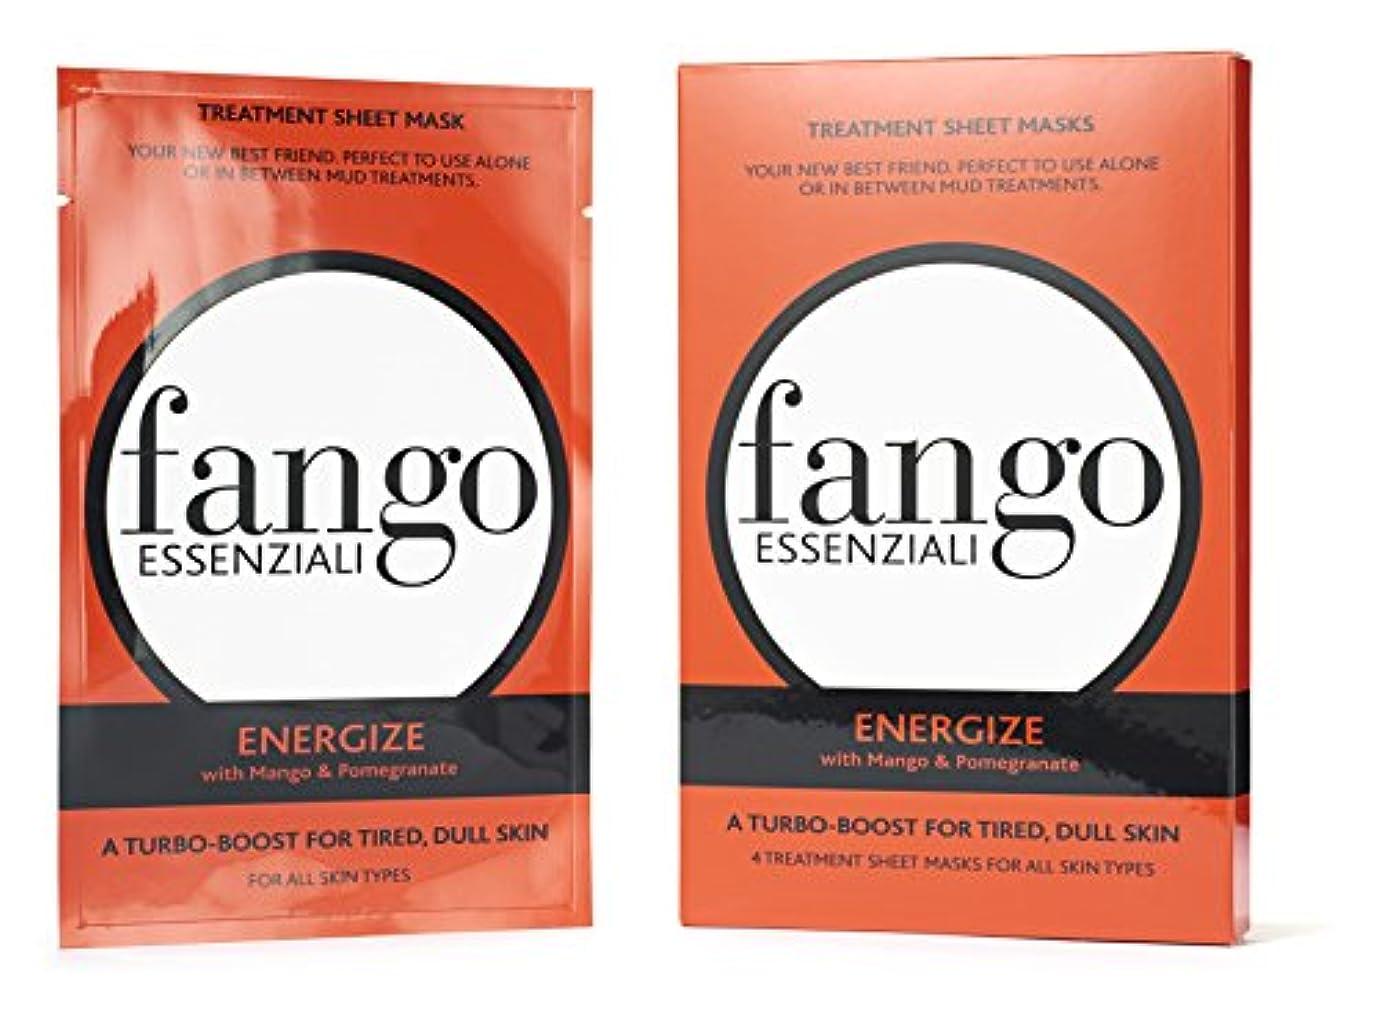 テロリストチャットコンパスボルゲーゼ Fango Essenziali Energize Treatment Sheet Masks 4x25ml/0.83oz並行輸入品